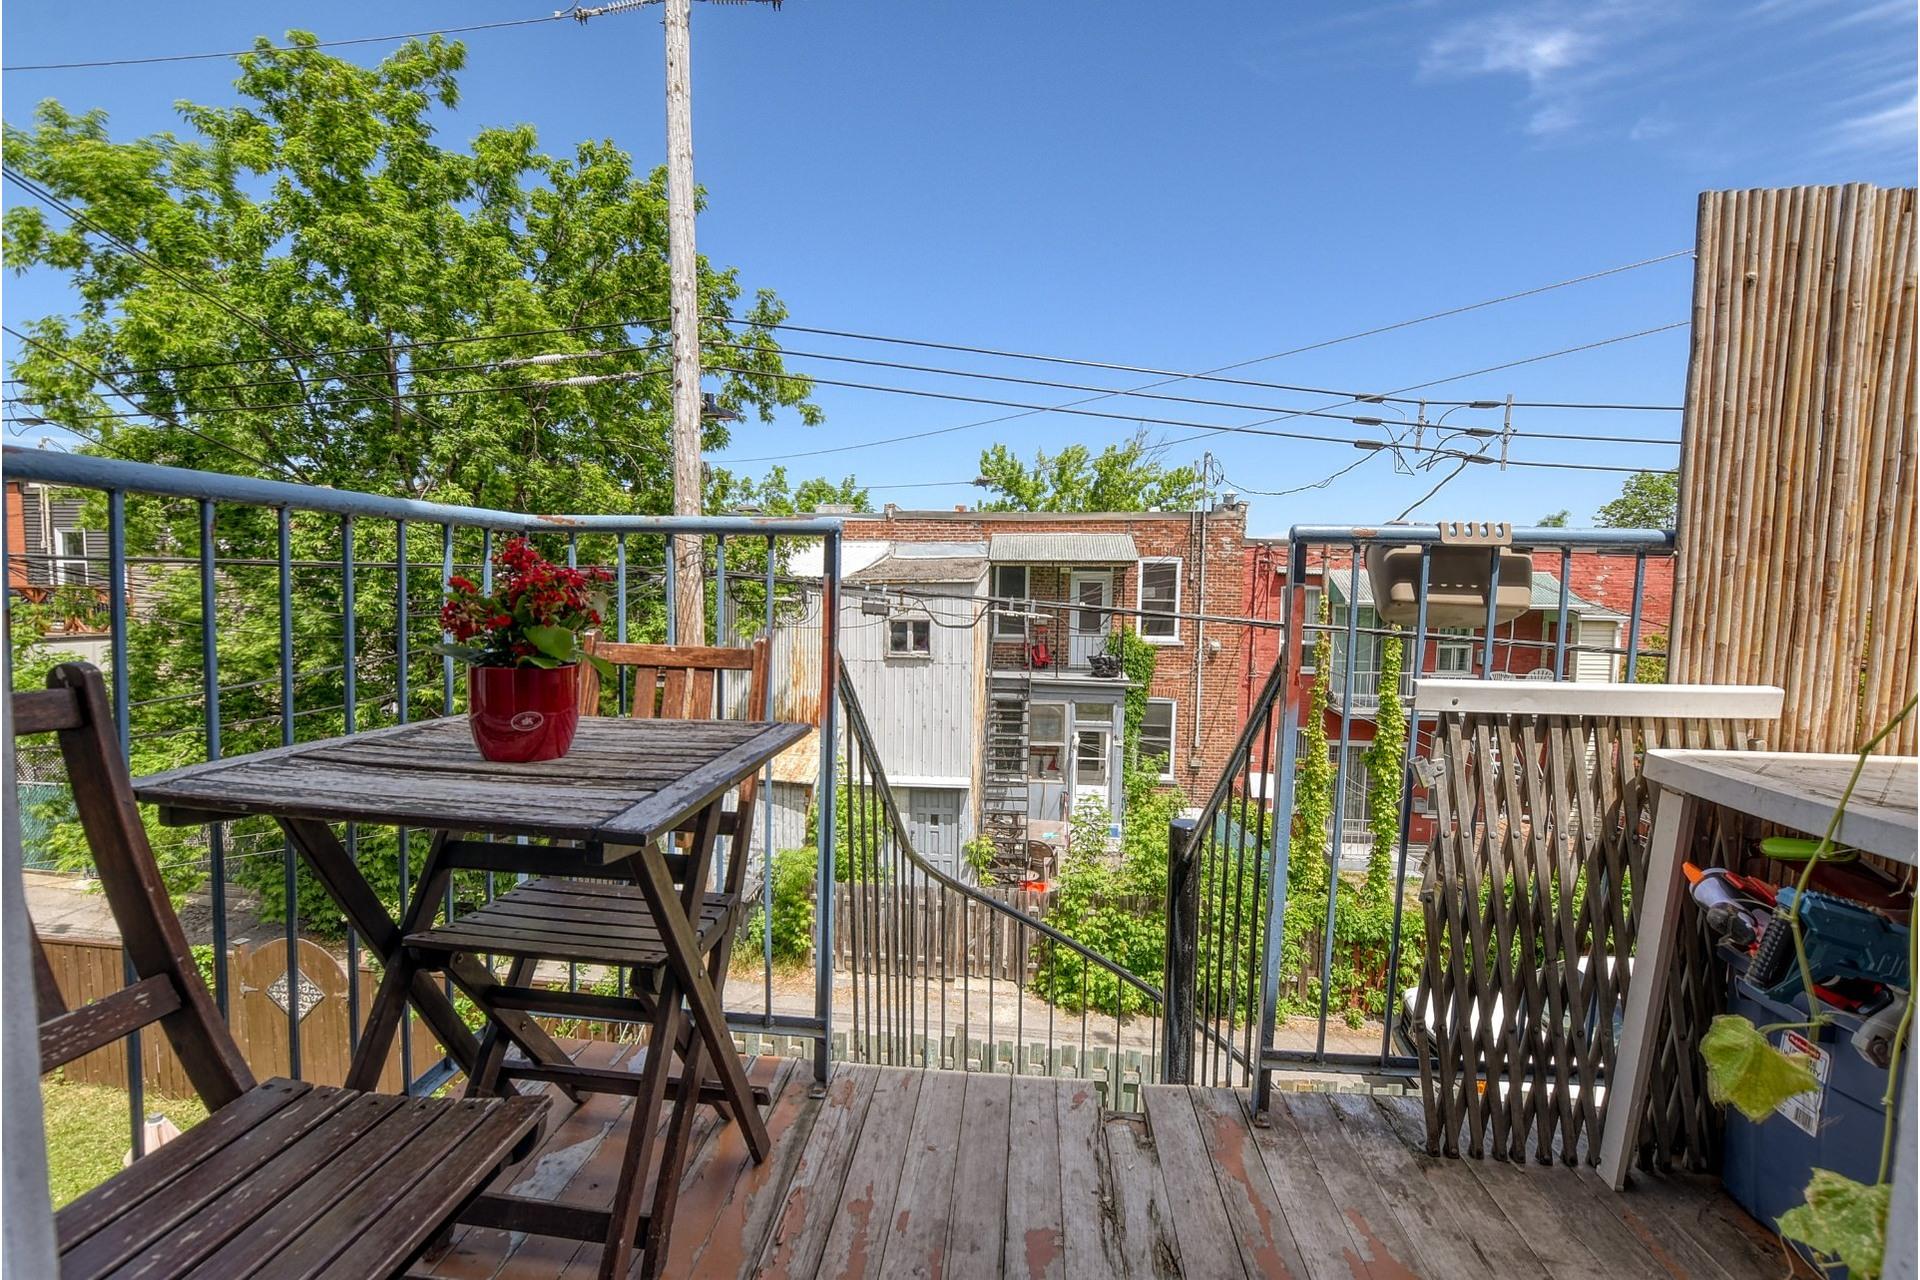 image 15 - Duplex À vendre Rosemont/La Petite-Patrie Montréal  - 6 pièces